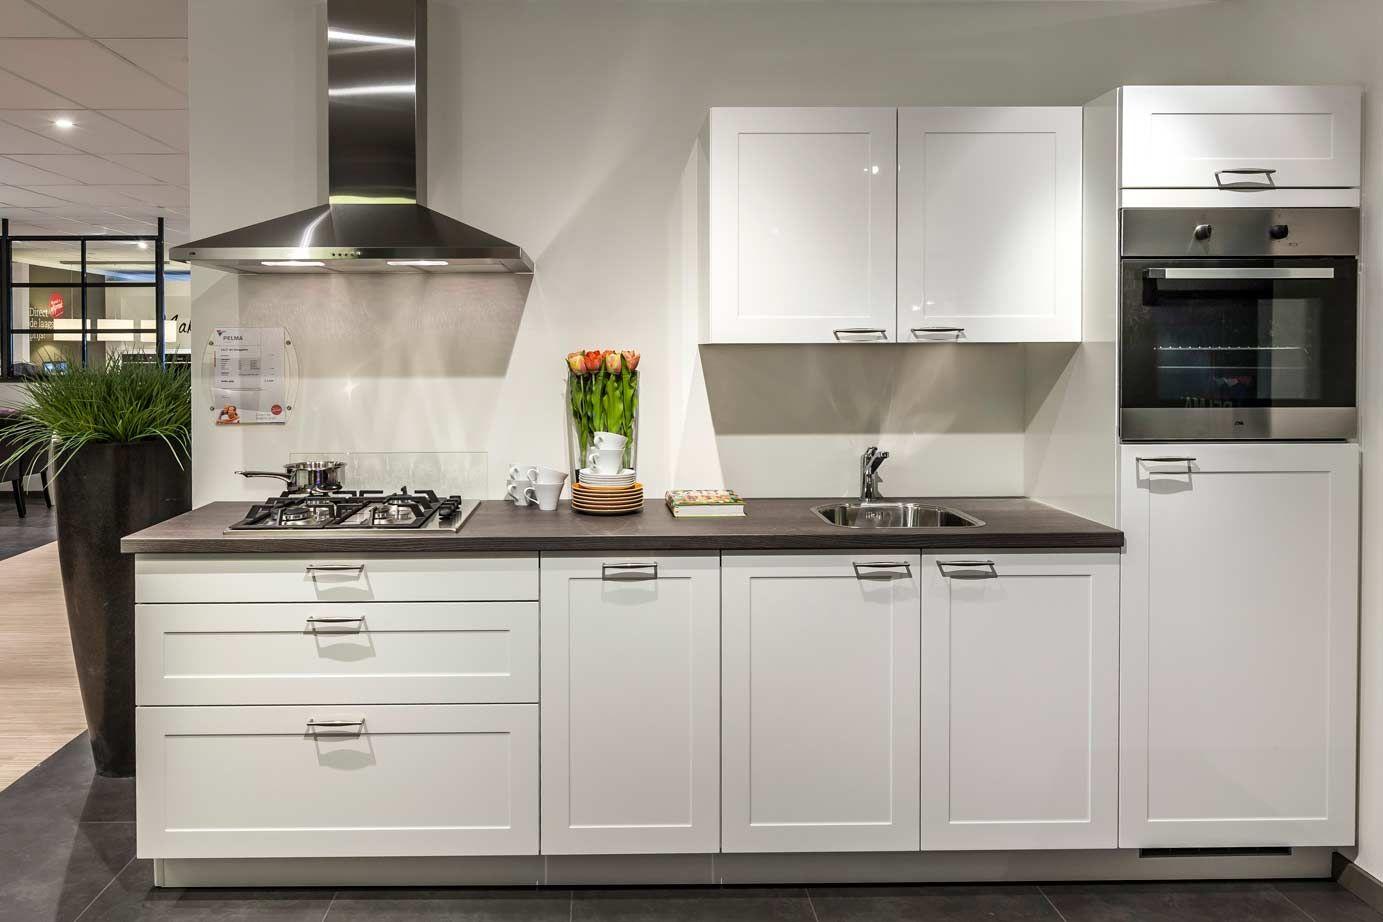 Voorbeelden Kleine Keukens : U vormige keuken met eiland indeling keuken voorbeelden kleine